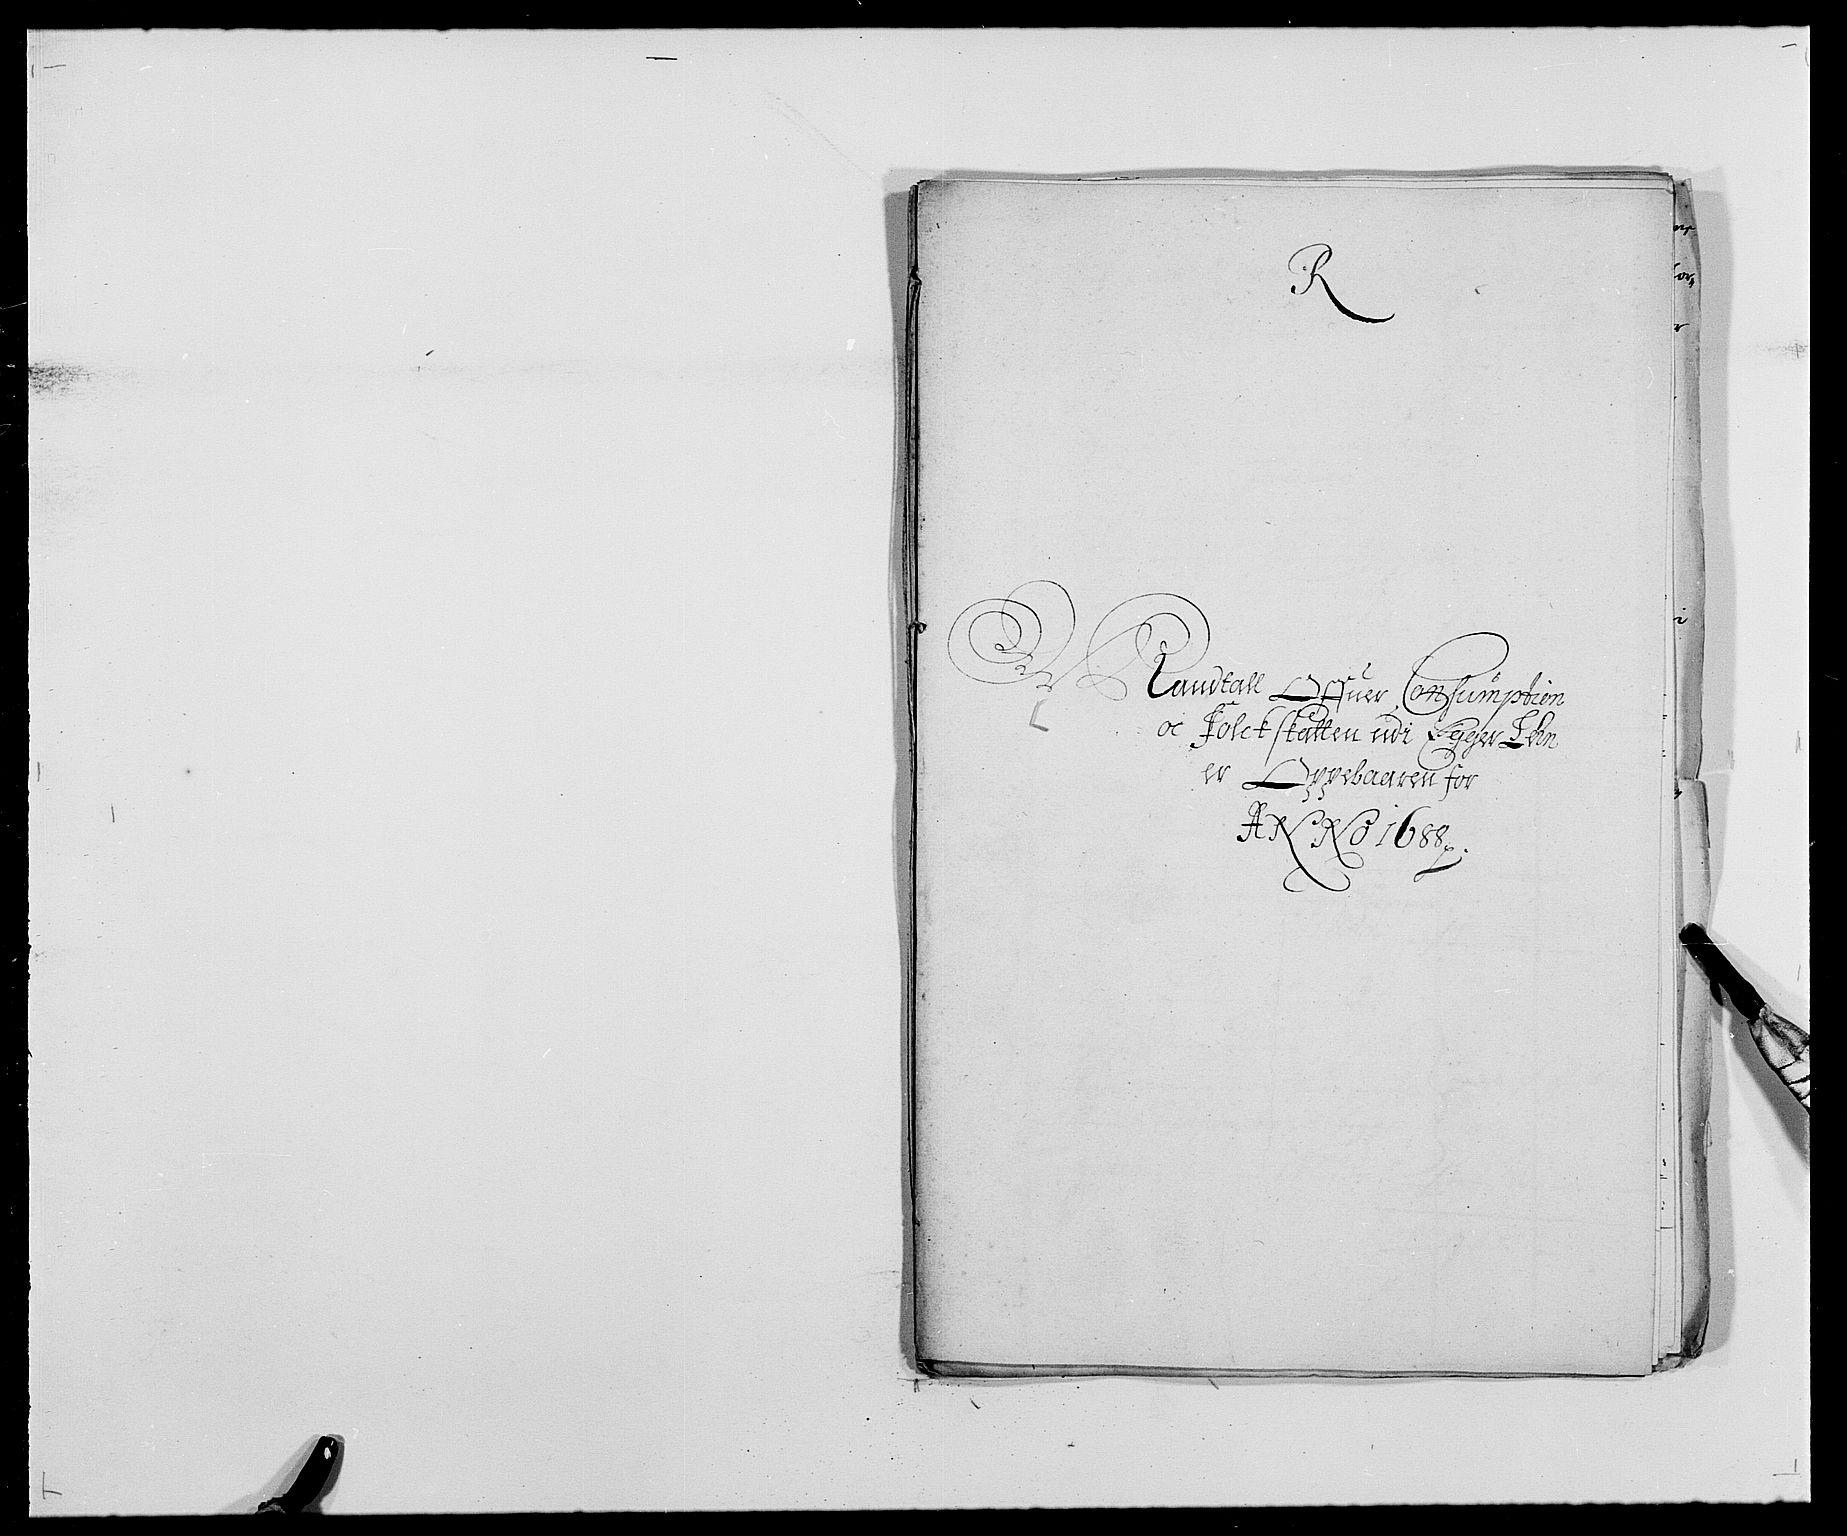 RA, Rentekammeret inntil 1814, Reviderte regnskaper, Fogderegnskap, R28/L1688: Fogderegnskap Eiker og Lier, 1687-1689, s. 260